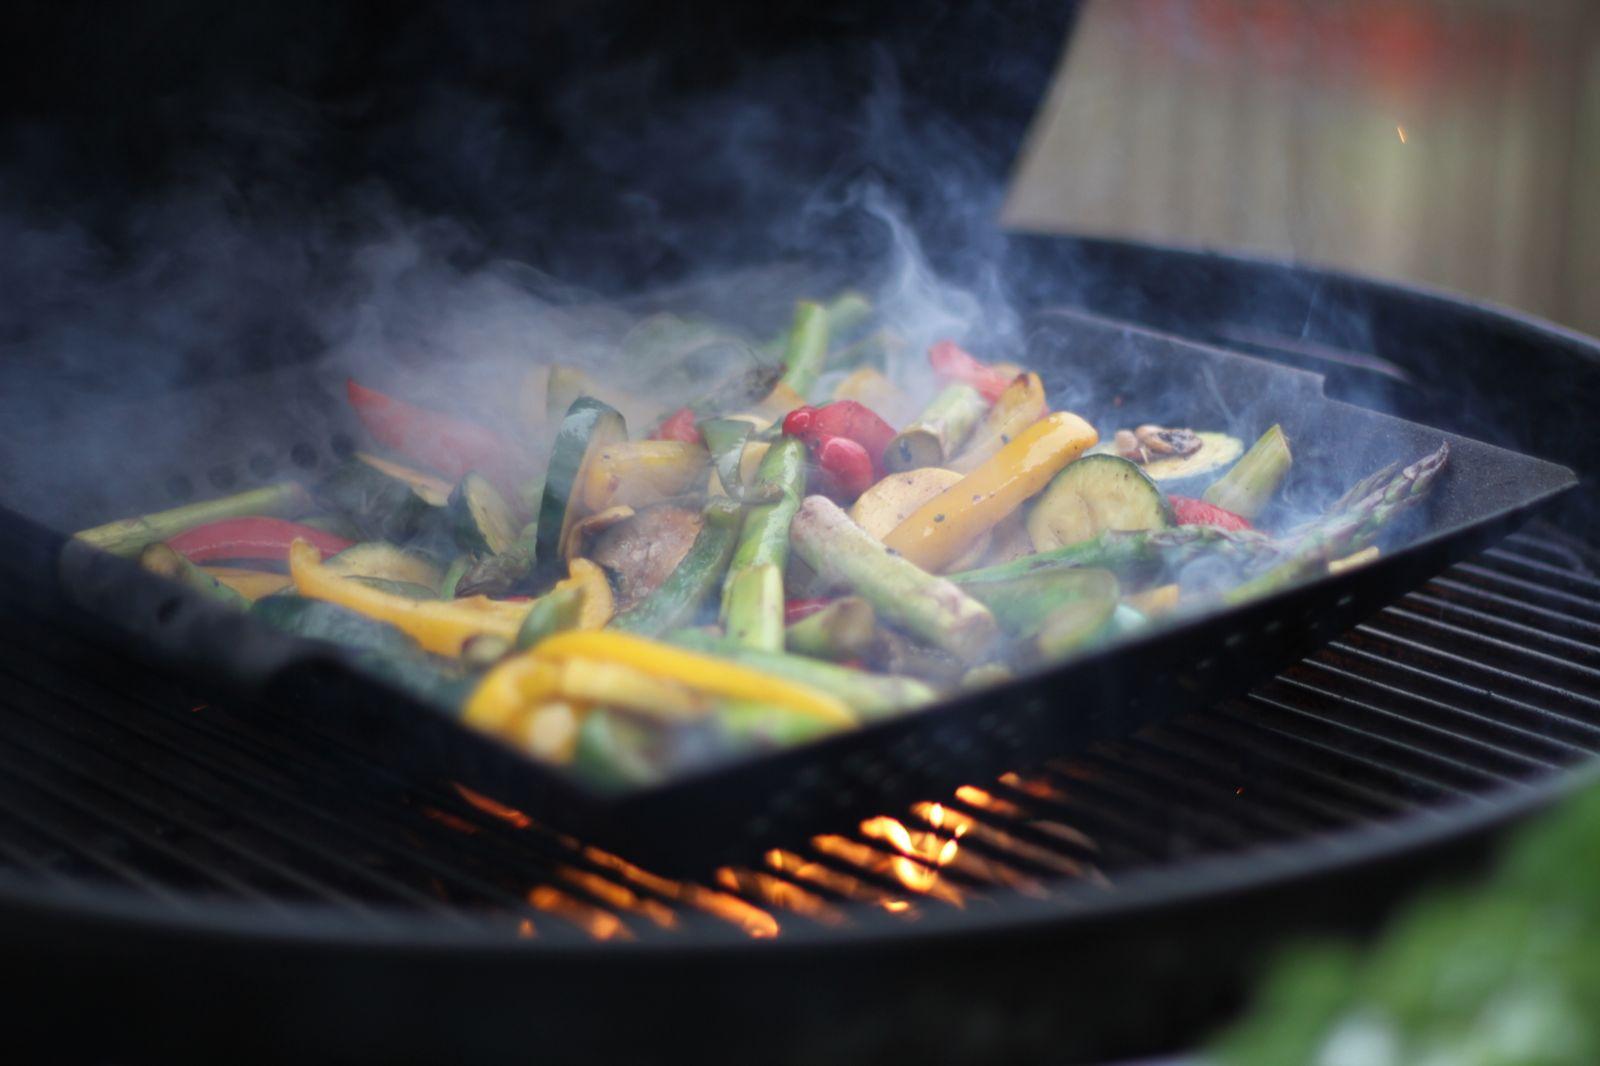 Рецепт для пикника: как приготовить овощи на гриле с домашним соусом - фото №1